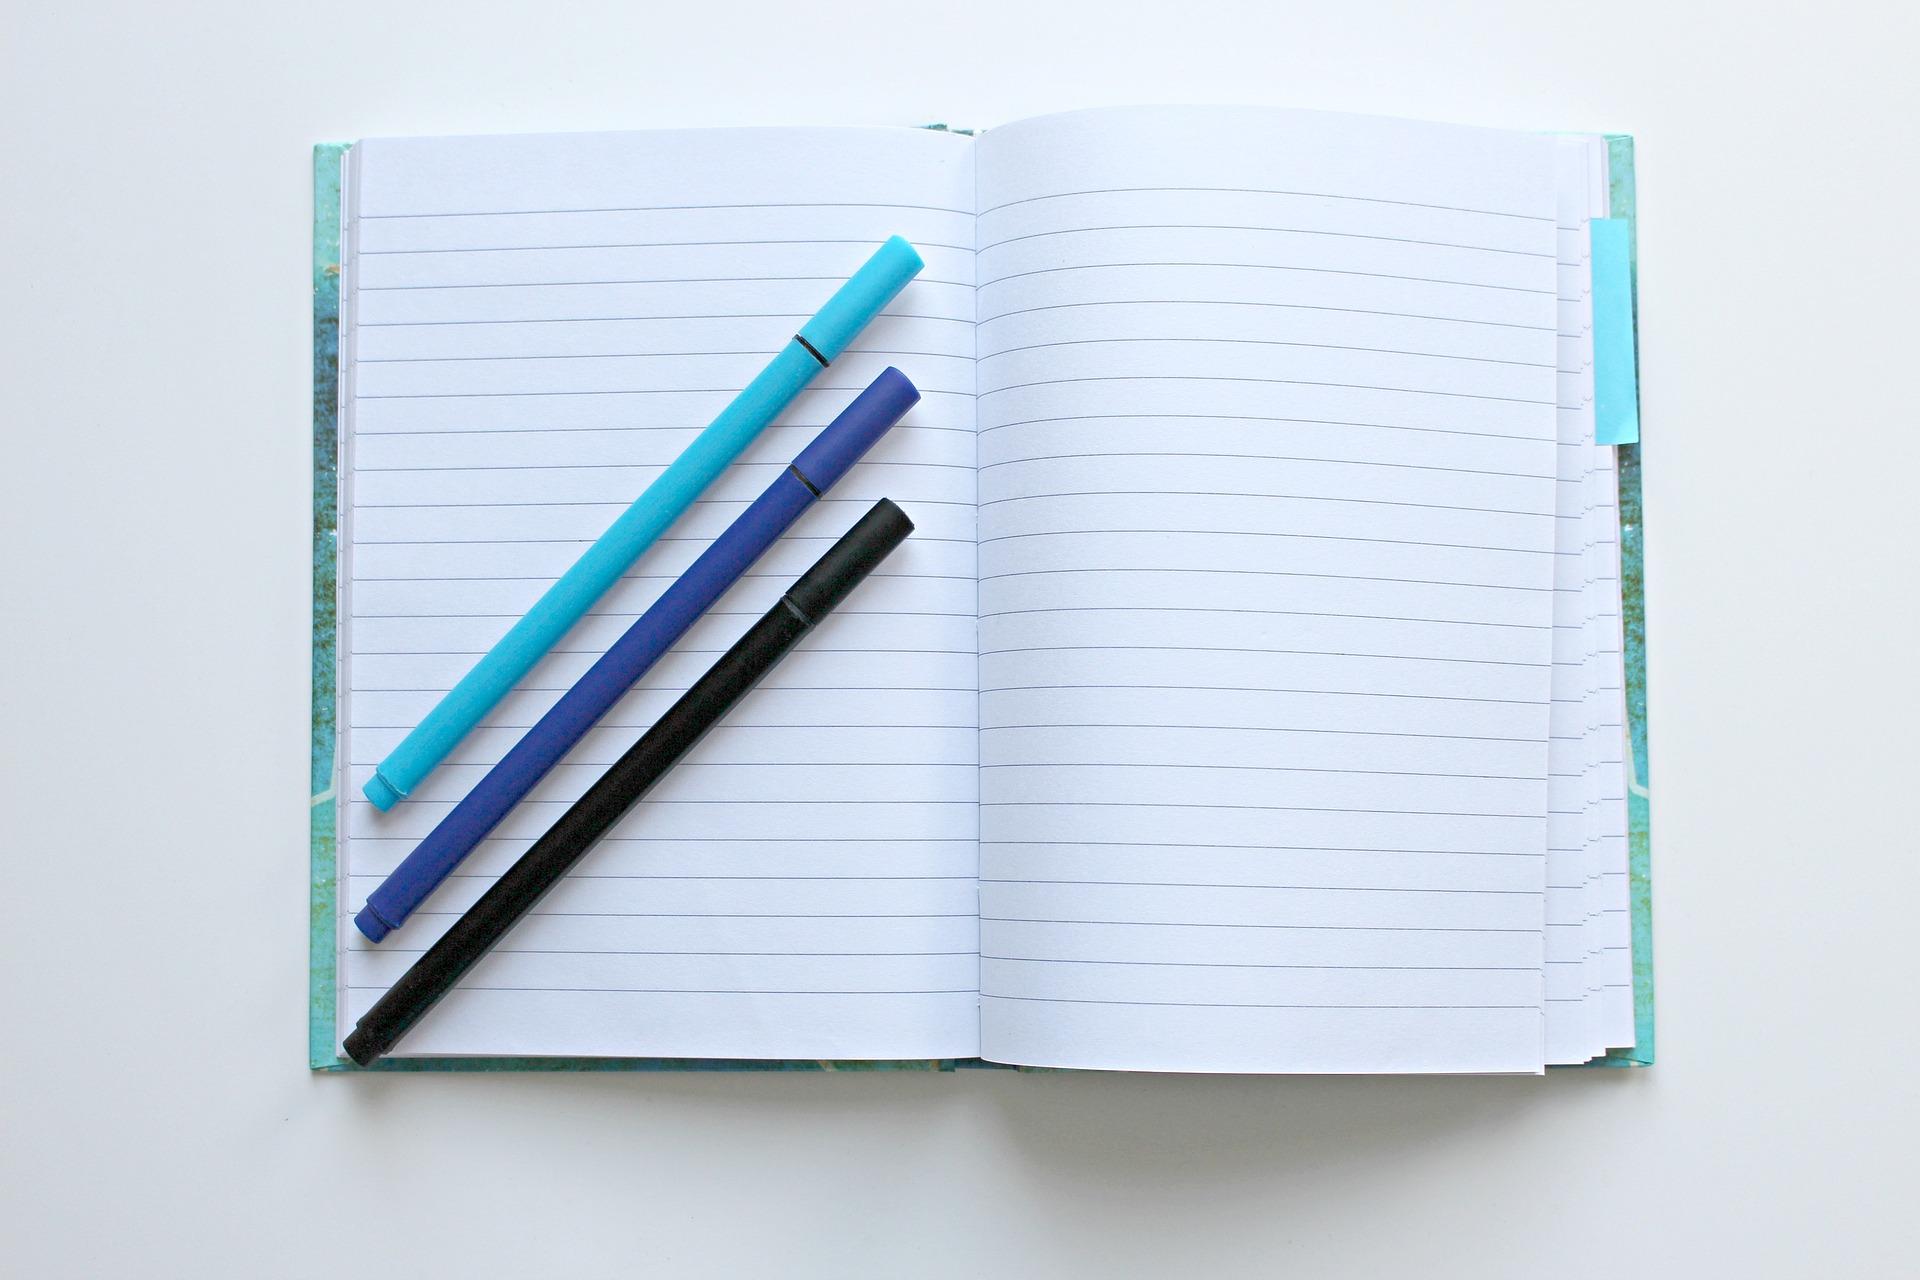 Cuadernos pautados